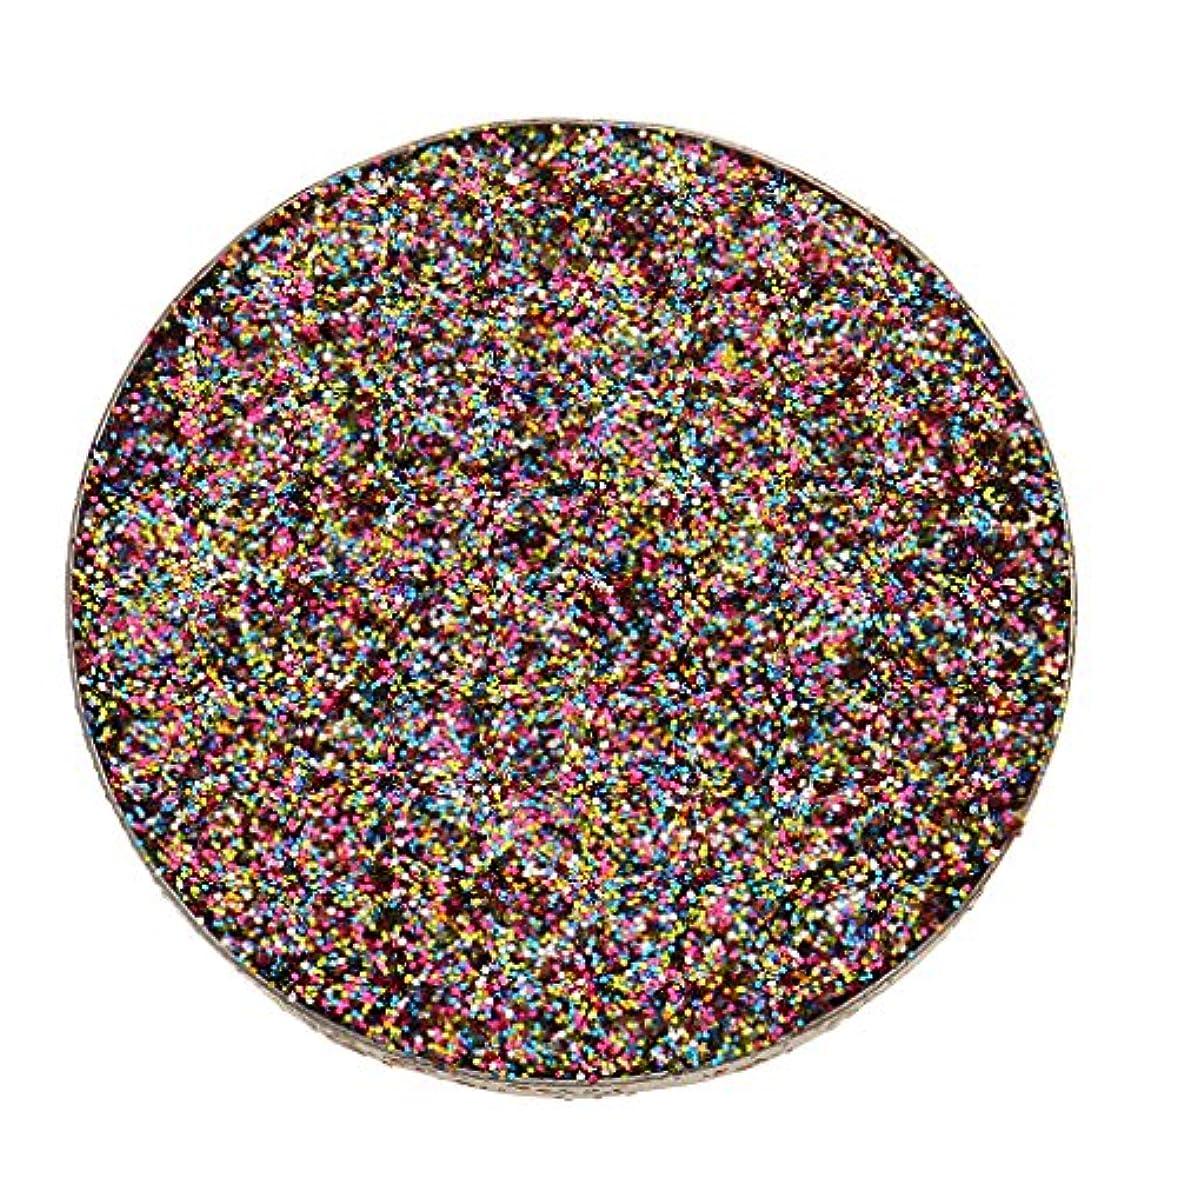 ことわざ気体の拍車全5色 ダイヤモンド キラキラ シマー メイクアップ アイシャドウ 顔料 長持ち 滑らか - マルチ